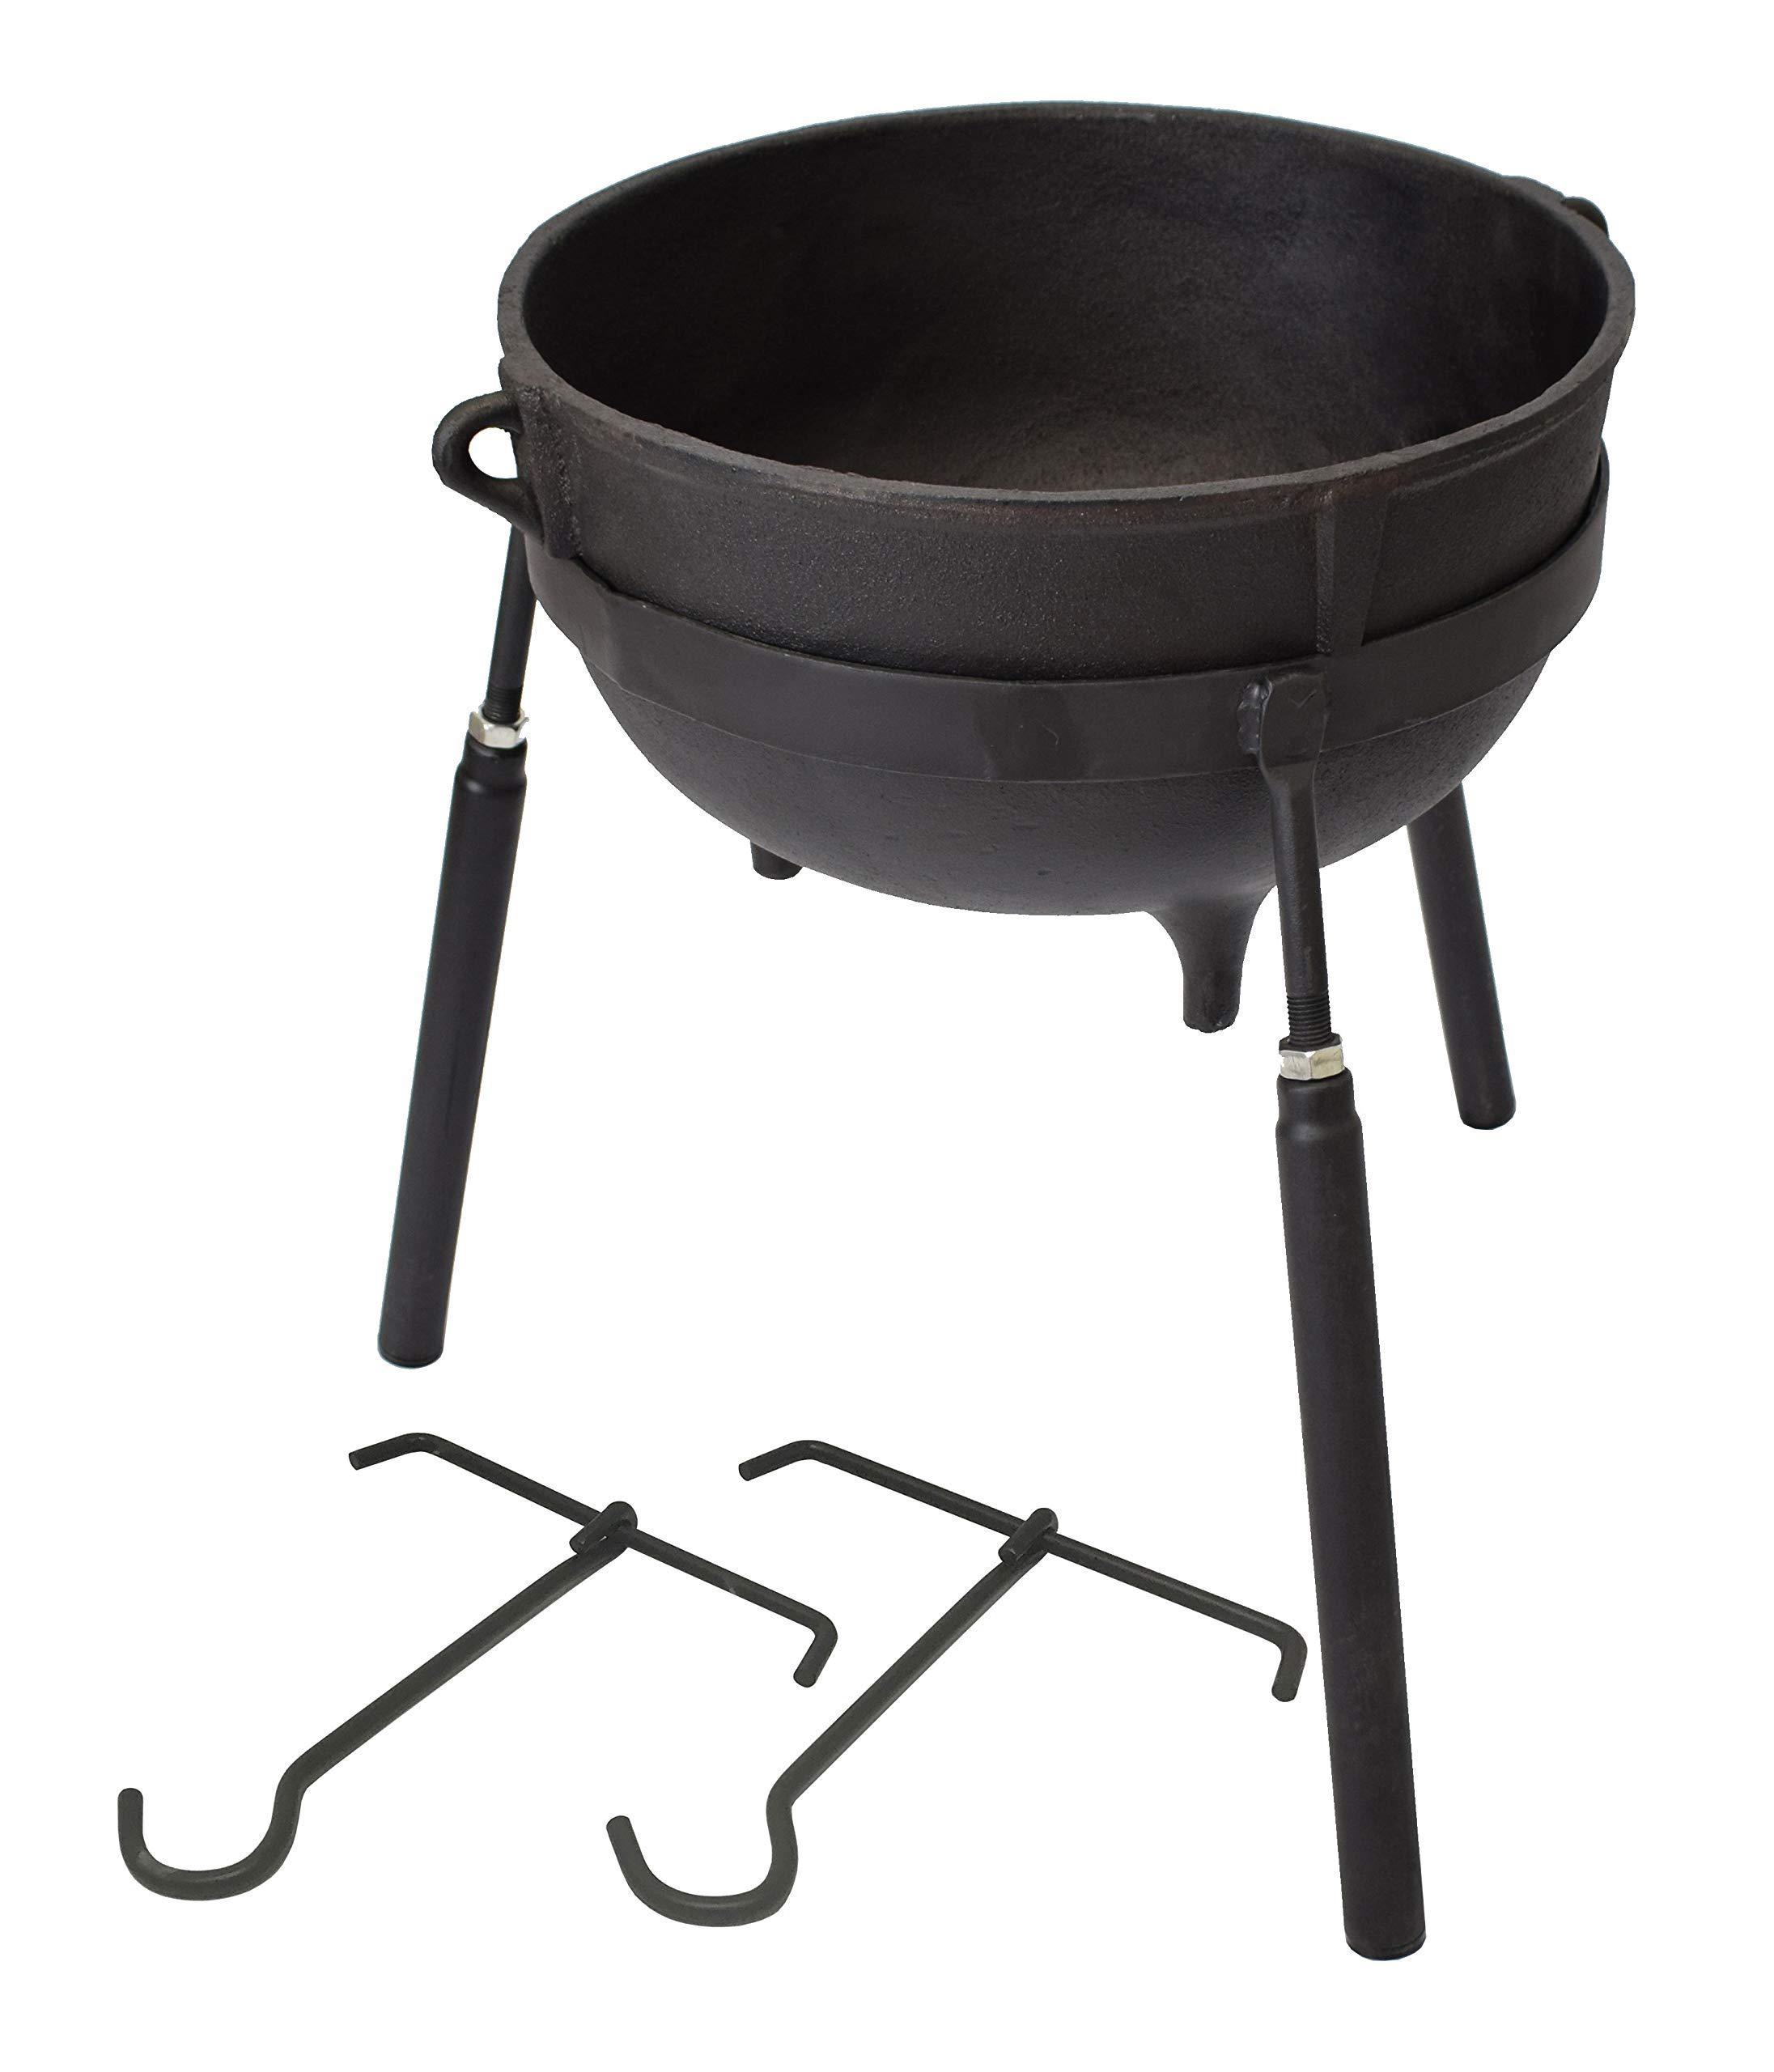 COOKAMP 7-Gallon Heavy Duty Cast Iron Jambalaya Pot, with Stand [JA07]